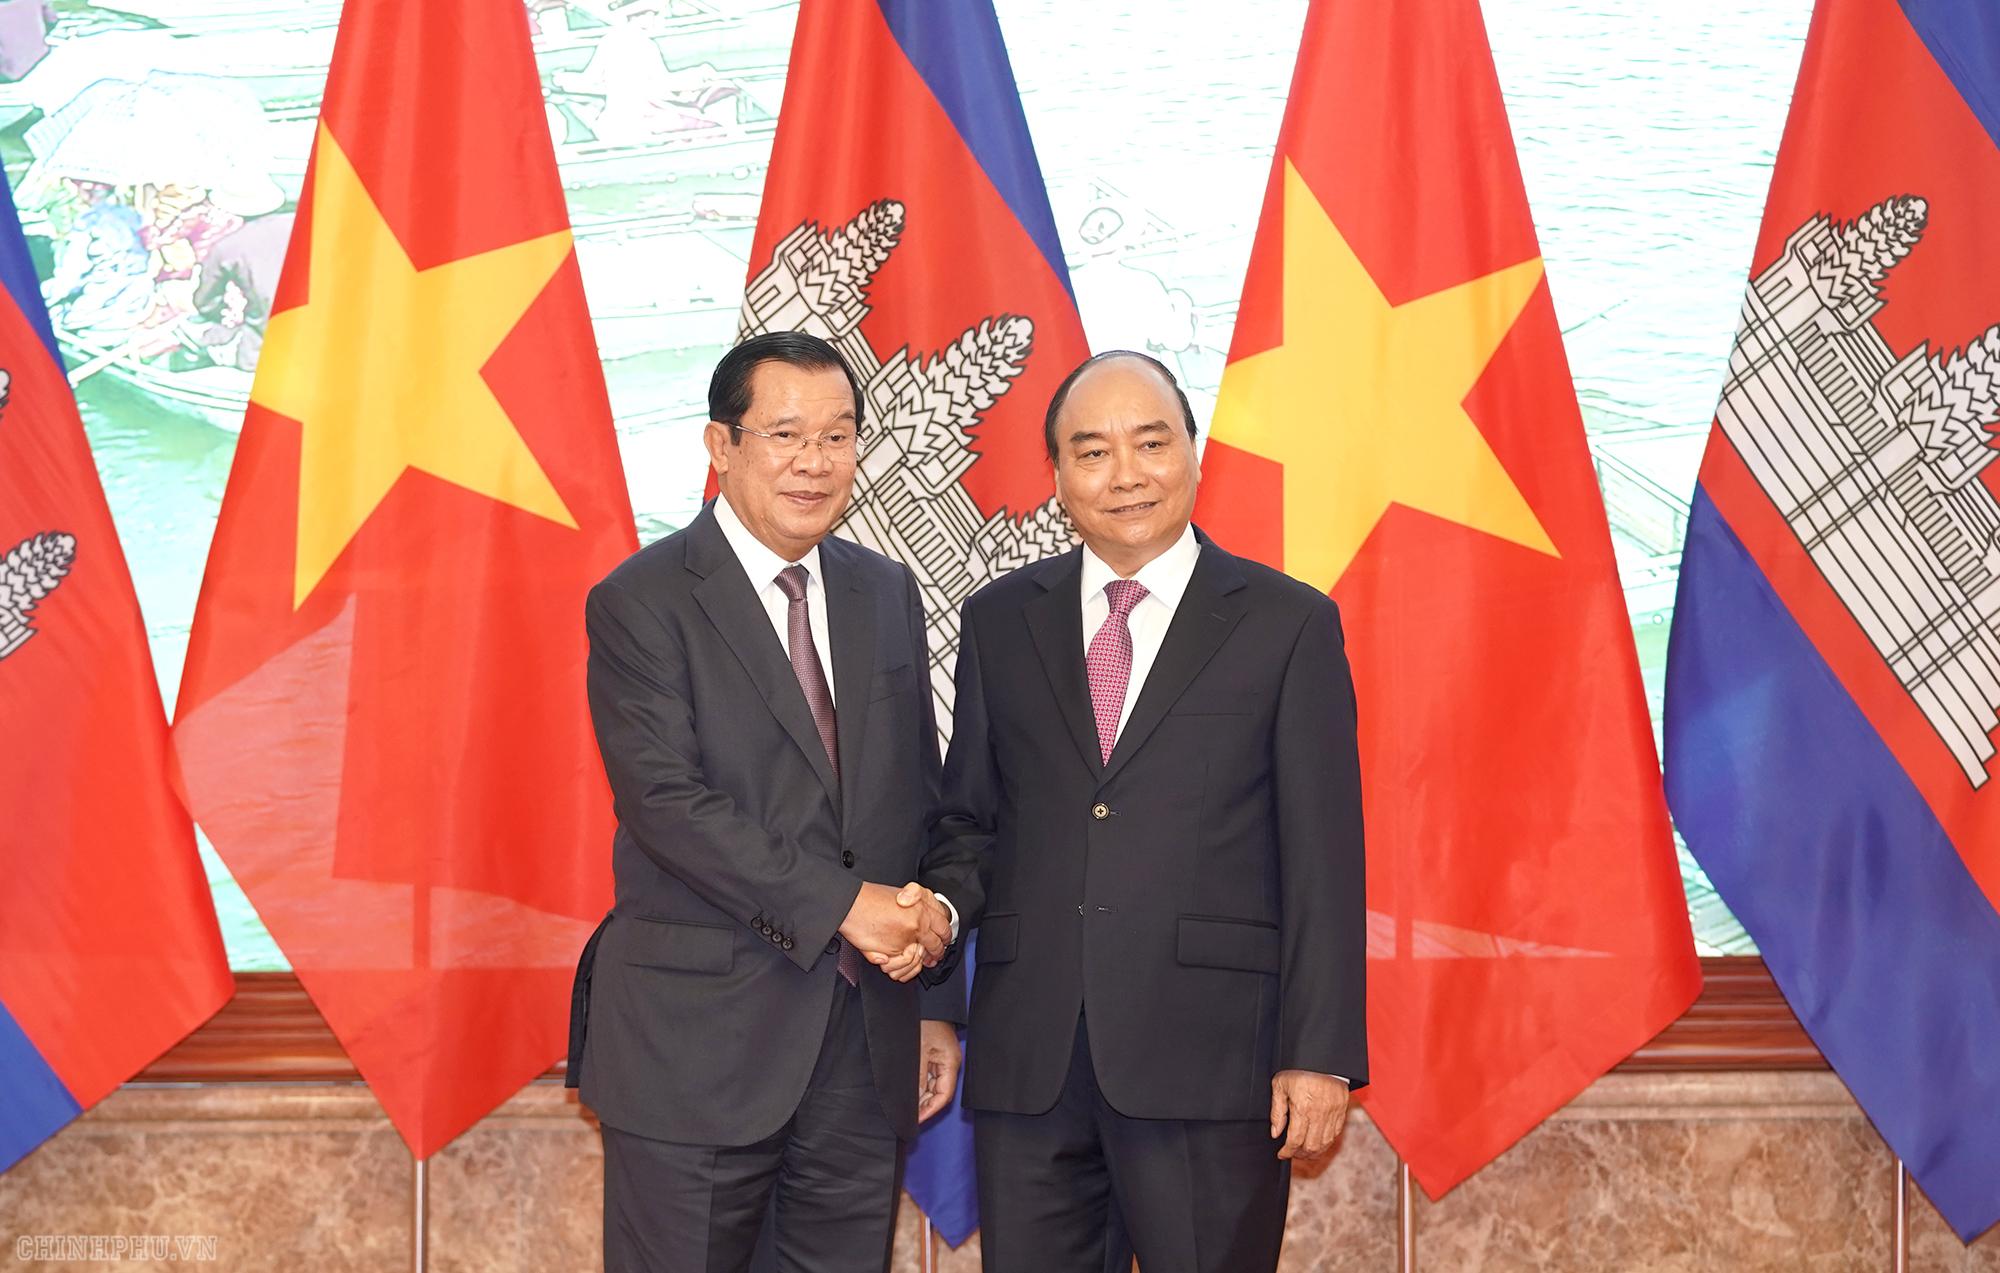 Thủ tướng Nguyễn Xuân Phúc và Thủ tướng Campuchia Samdech Akka Moha Sena Padei Techo Hun Sen. Ảnh VGP/Quang Hiếu